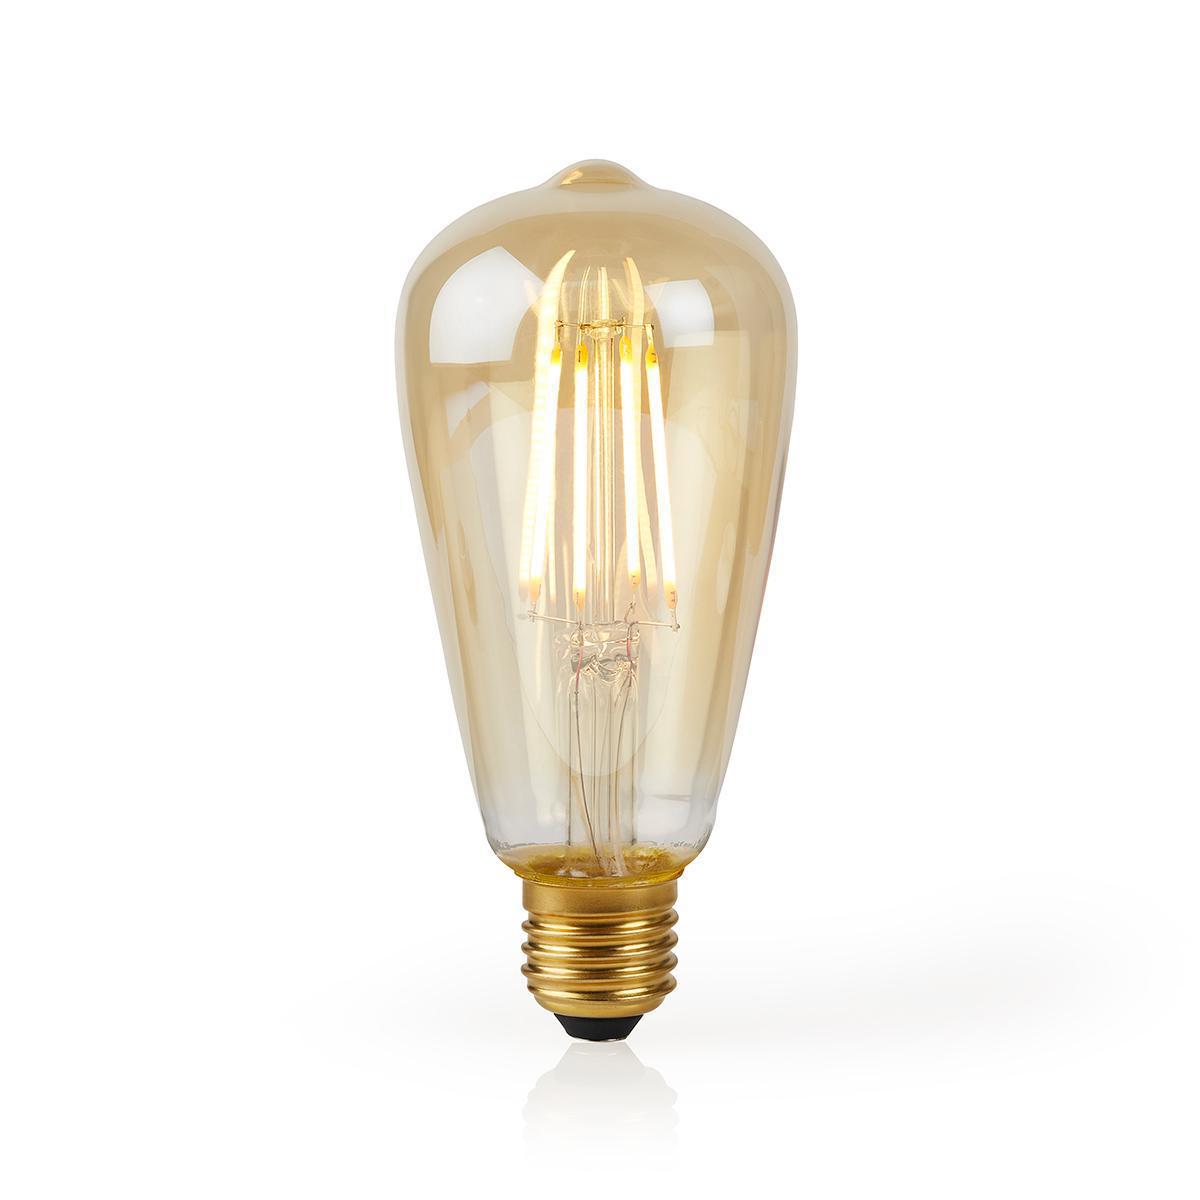 Slimme Wifi Edison filament lamp E27 - 5 watt- warm wit - lamp aan